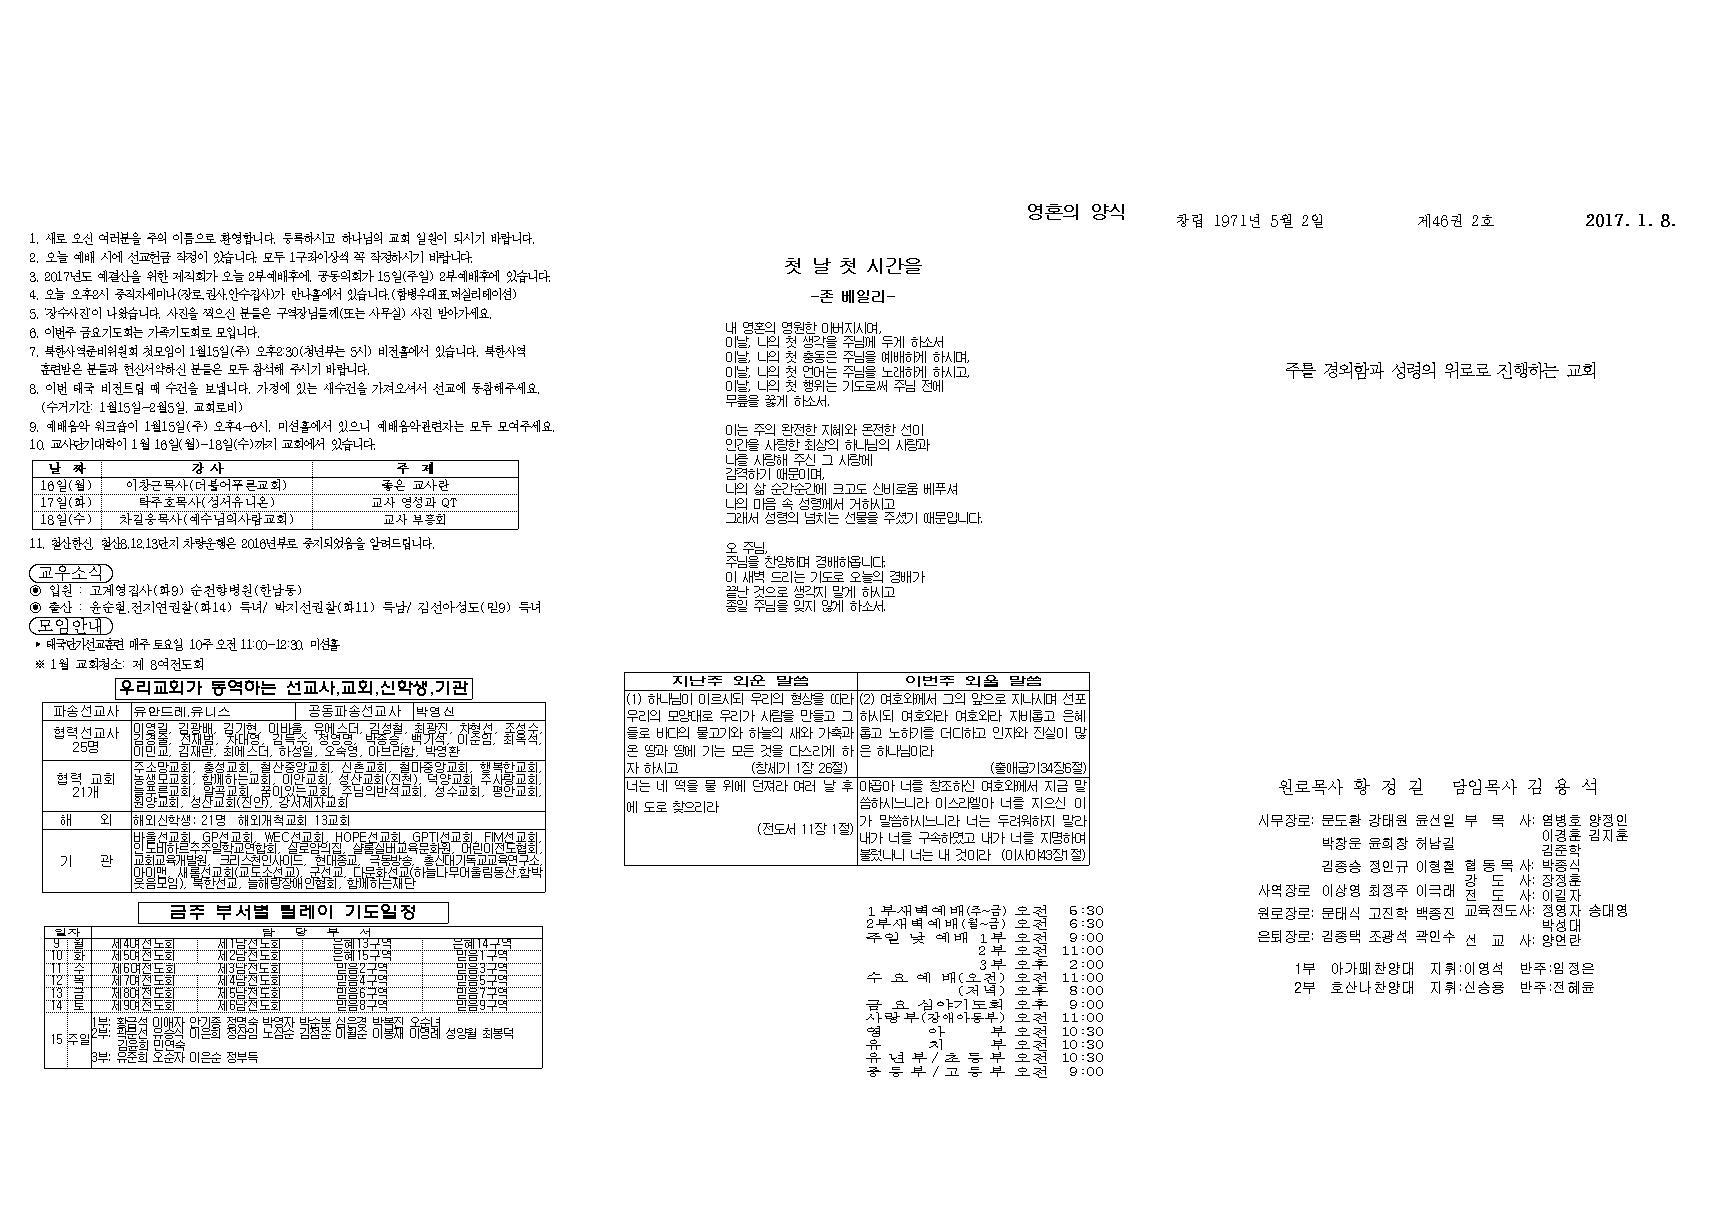 주보 제46권 2호(2017.01.08)